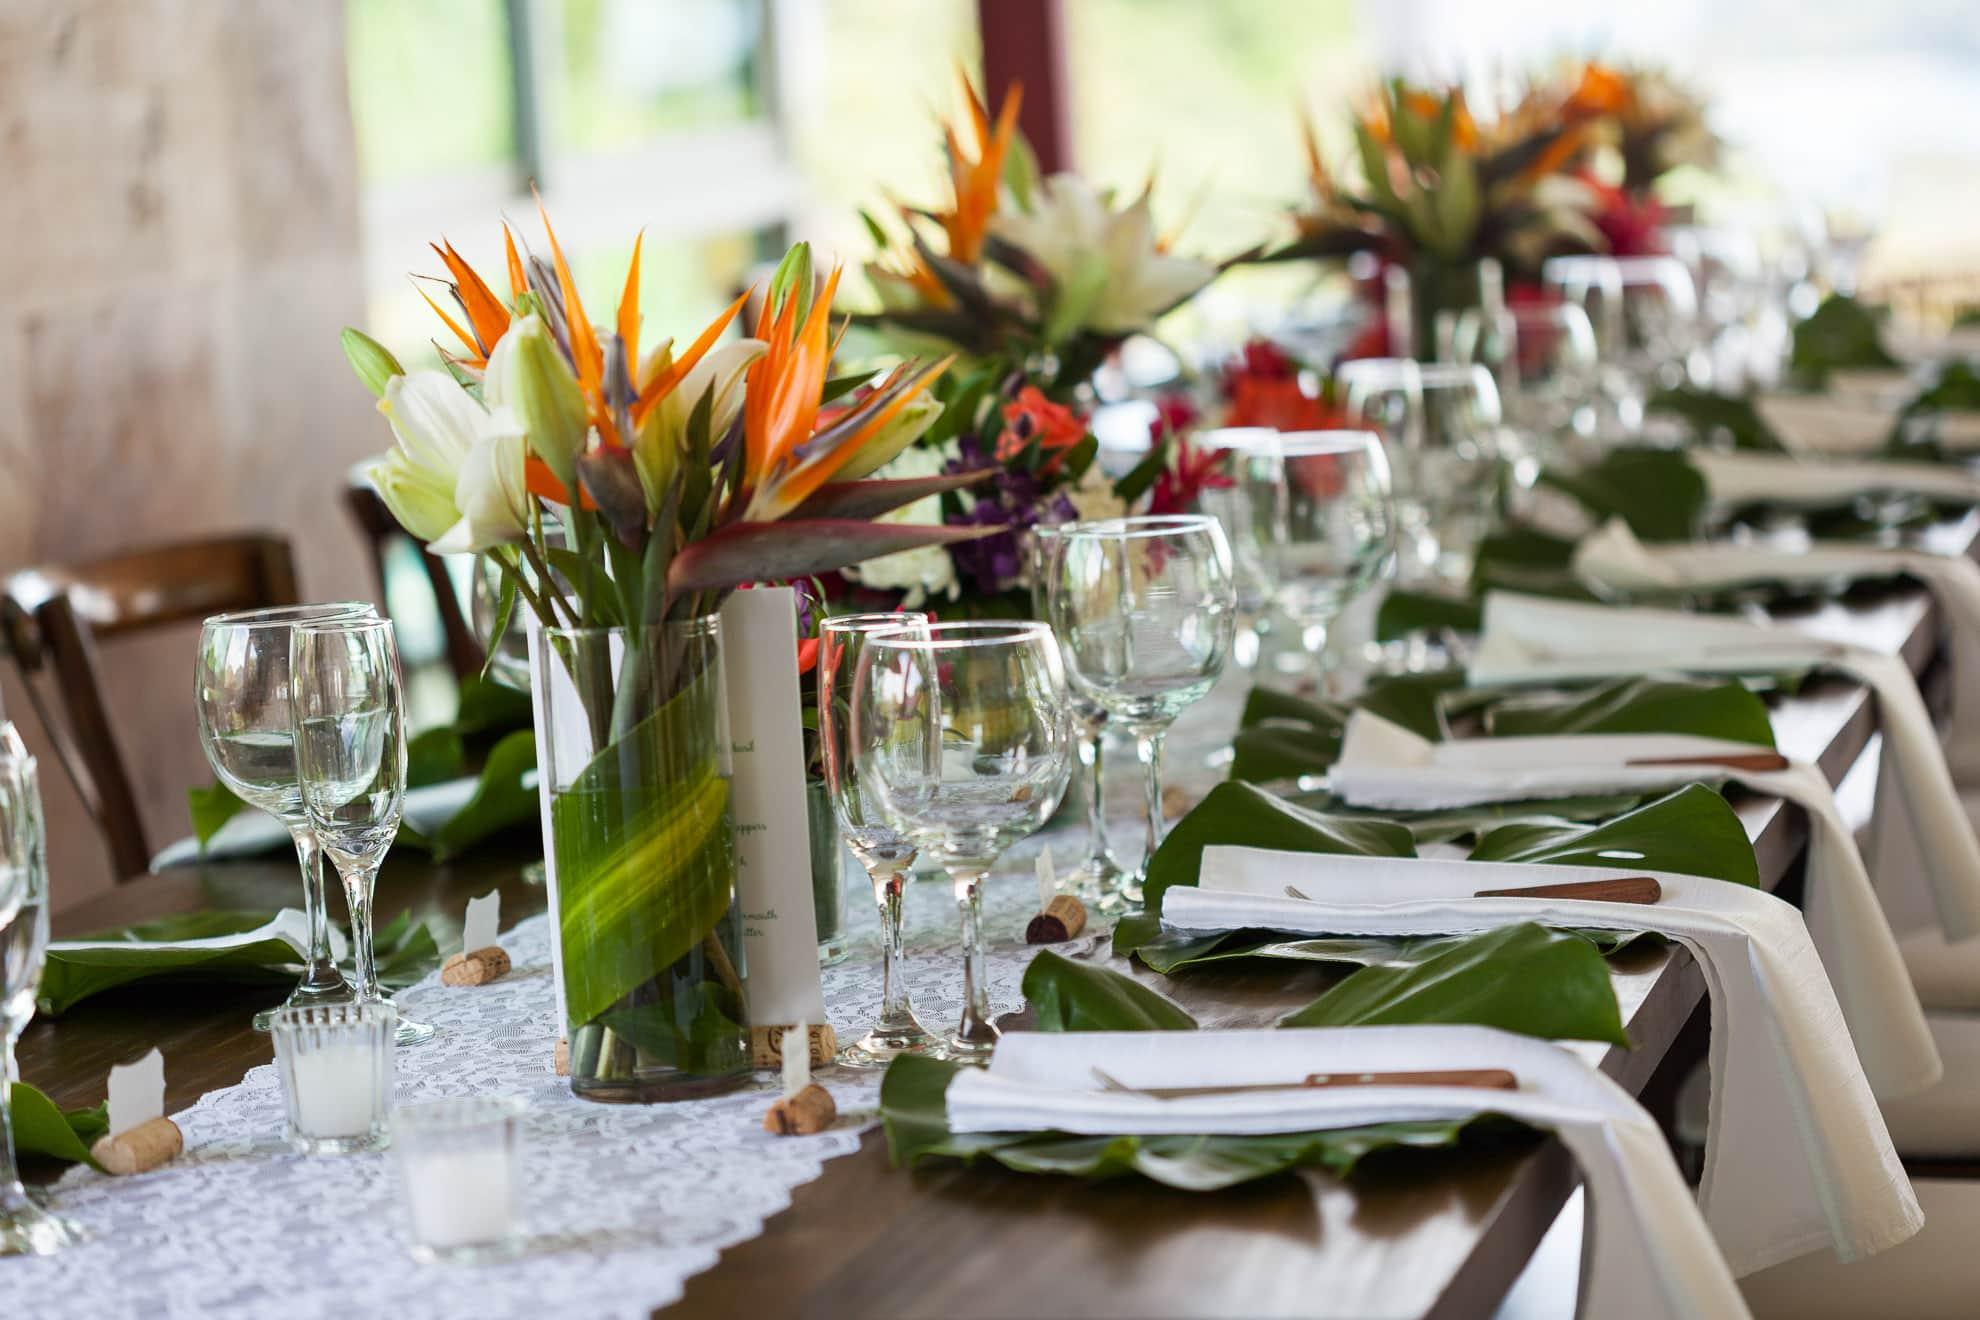 Natural Decorations at Wedding